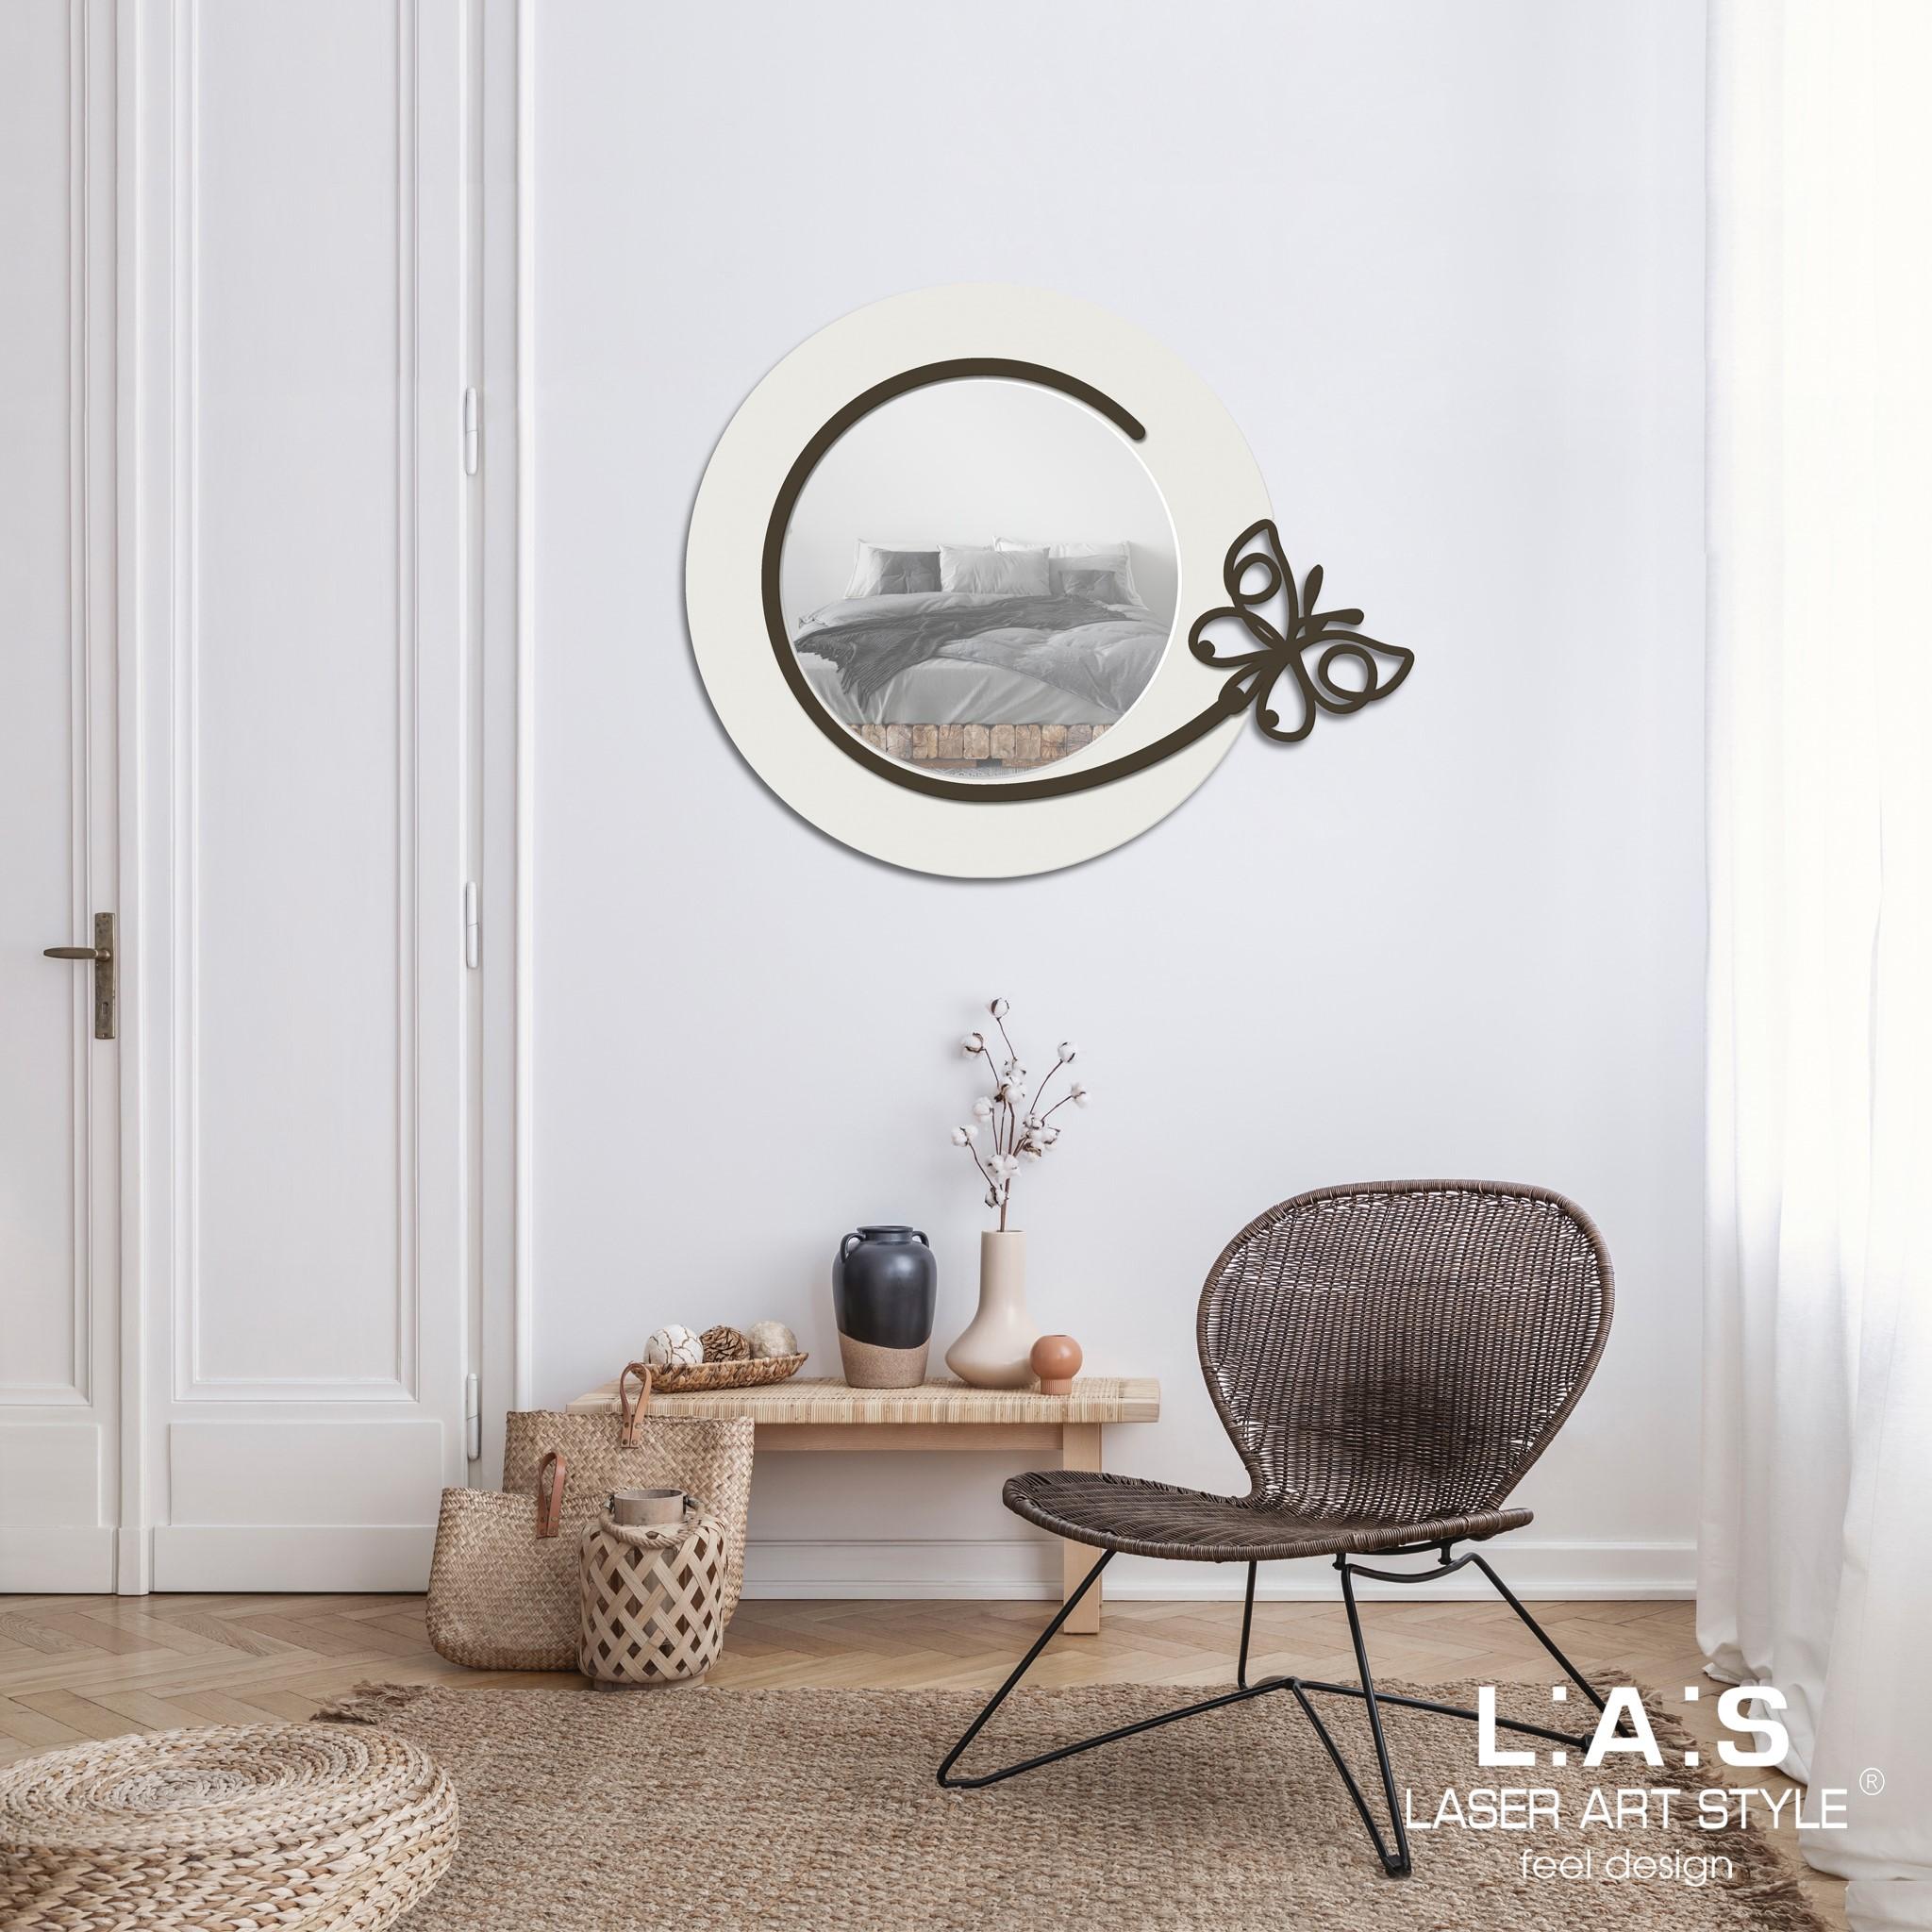 L:A:S - Laser Art Style - SPECCHIERA DESIGN FARFALLA SI-521 BIANCO-MARRONE